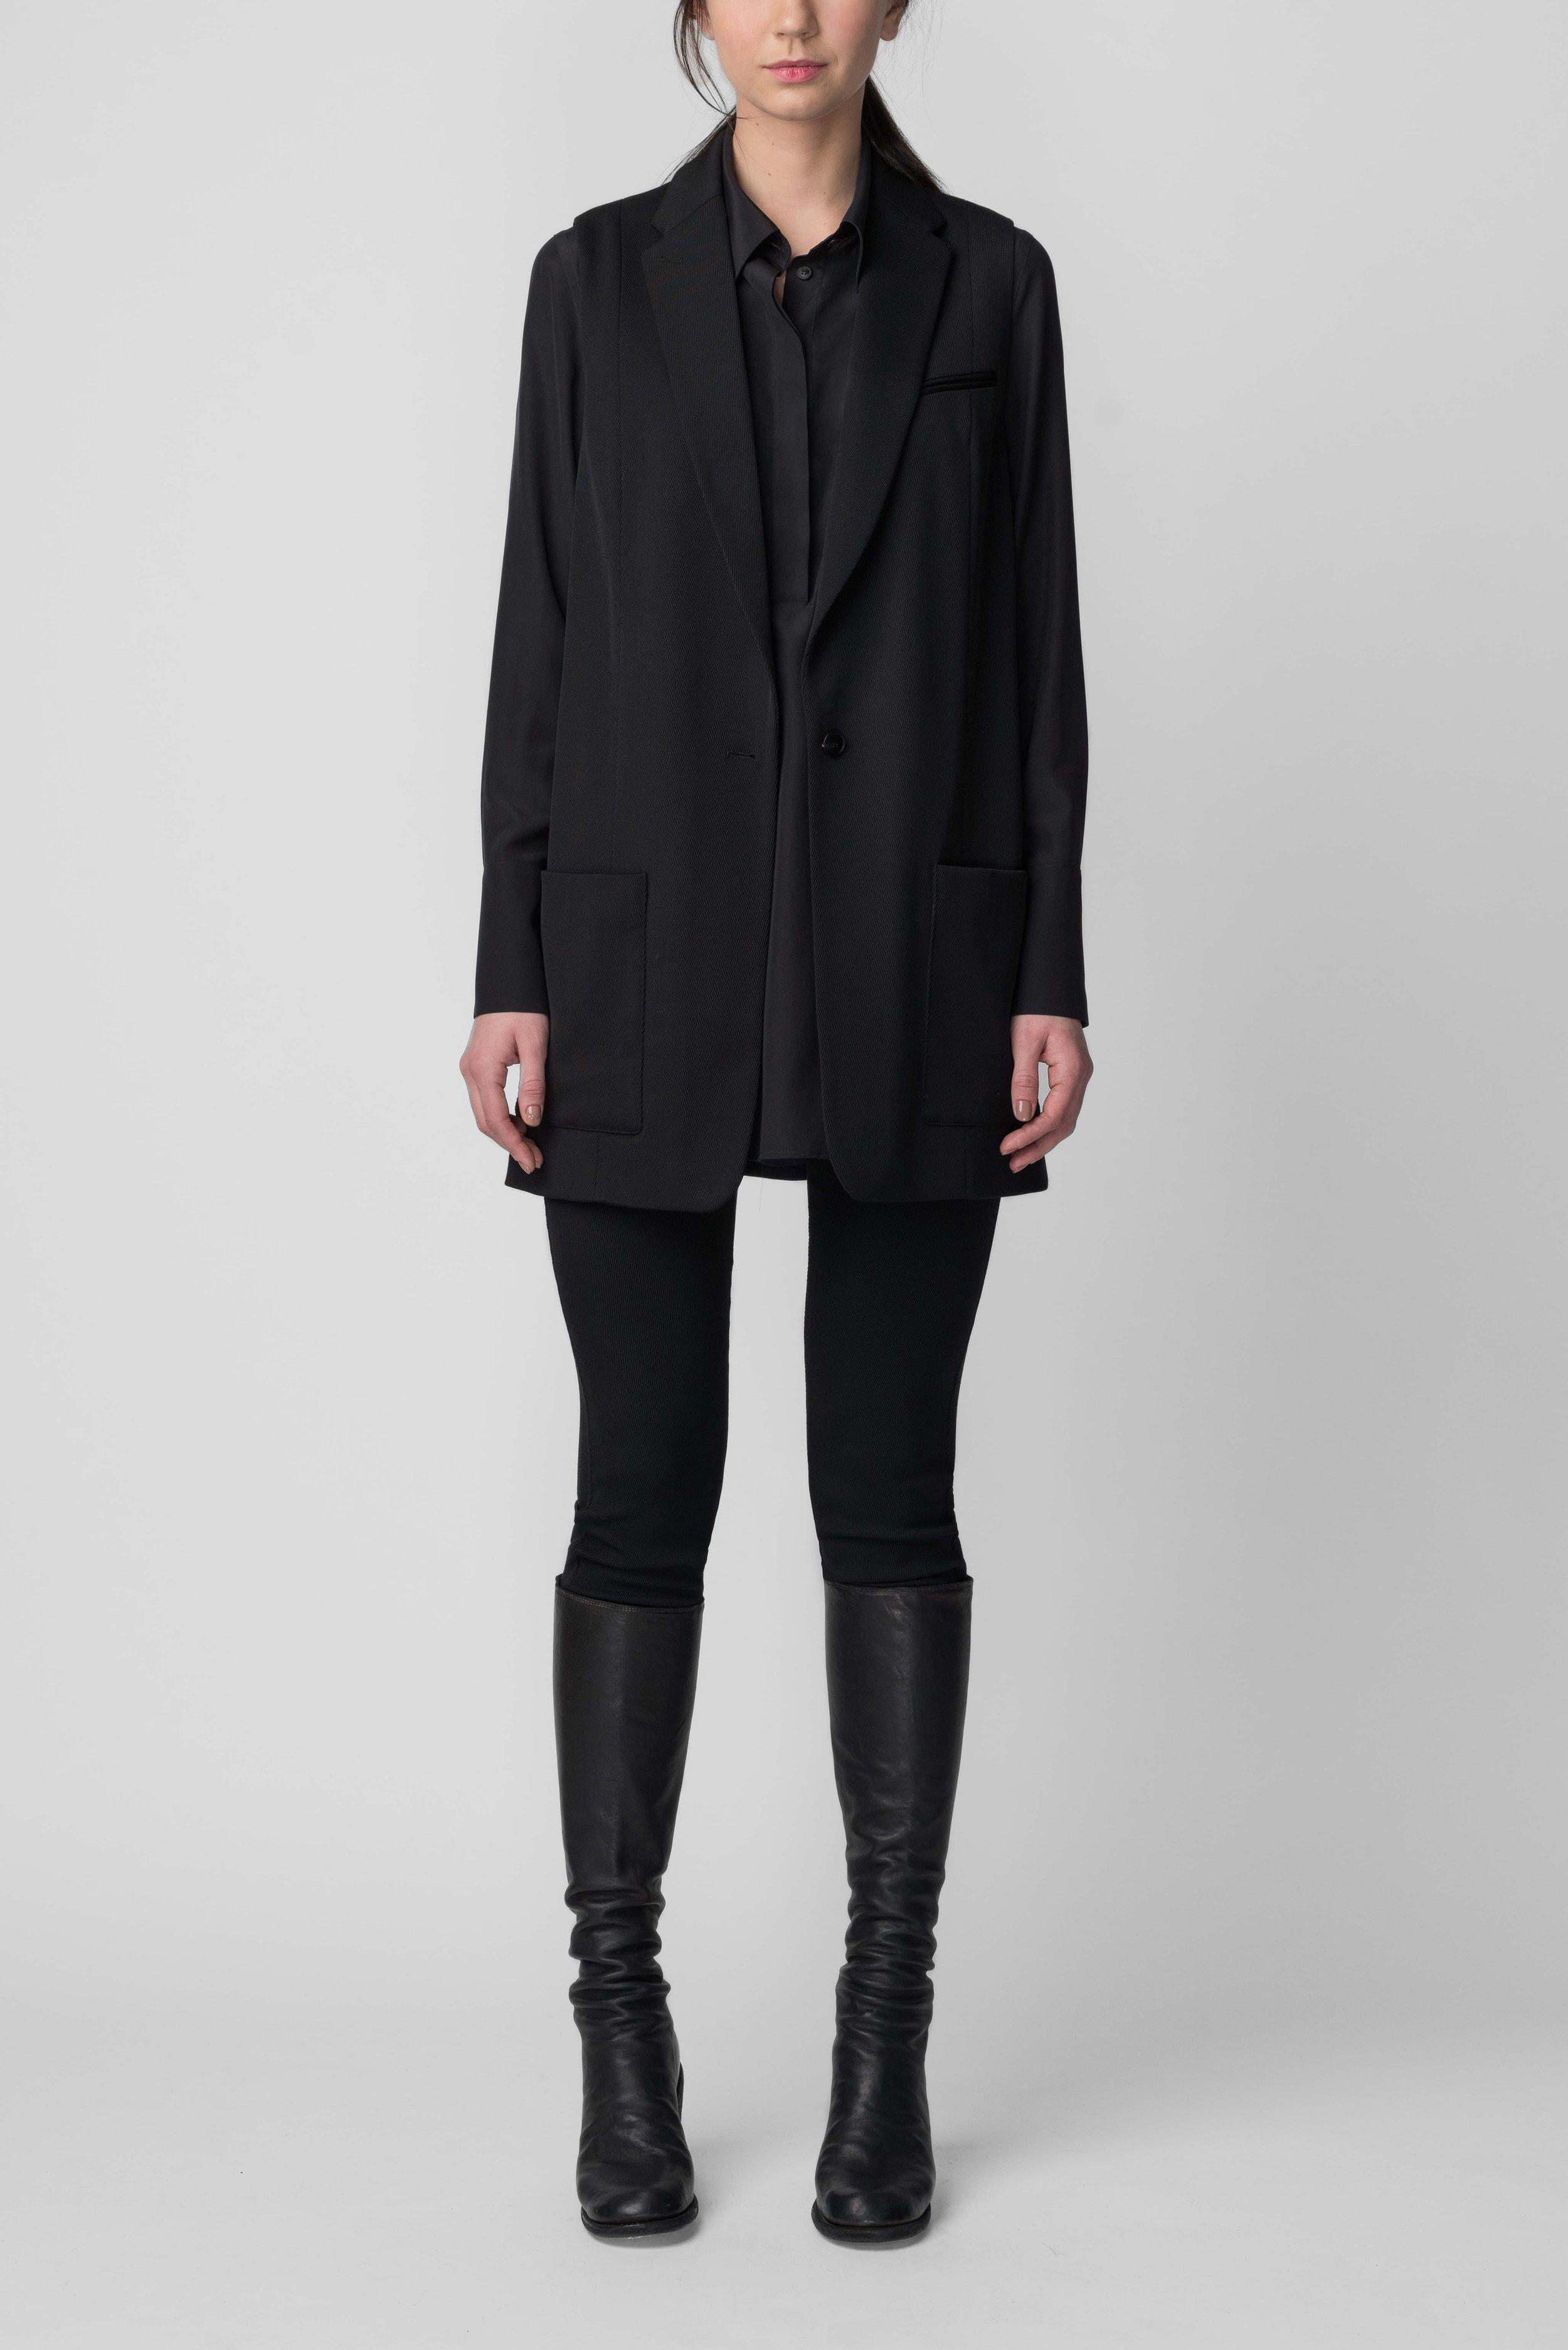 3.black vest.jpg